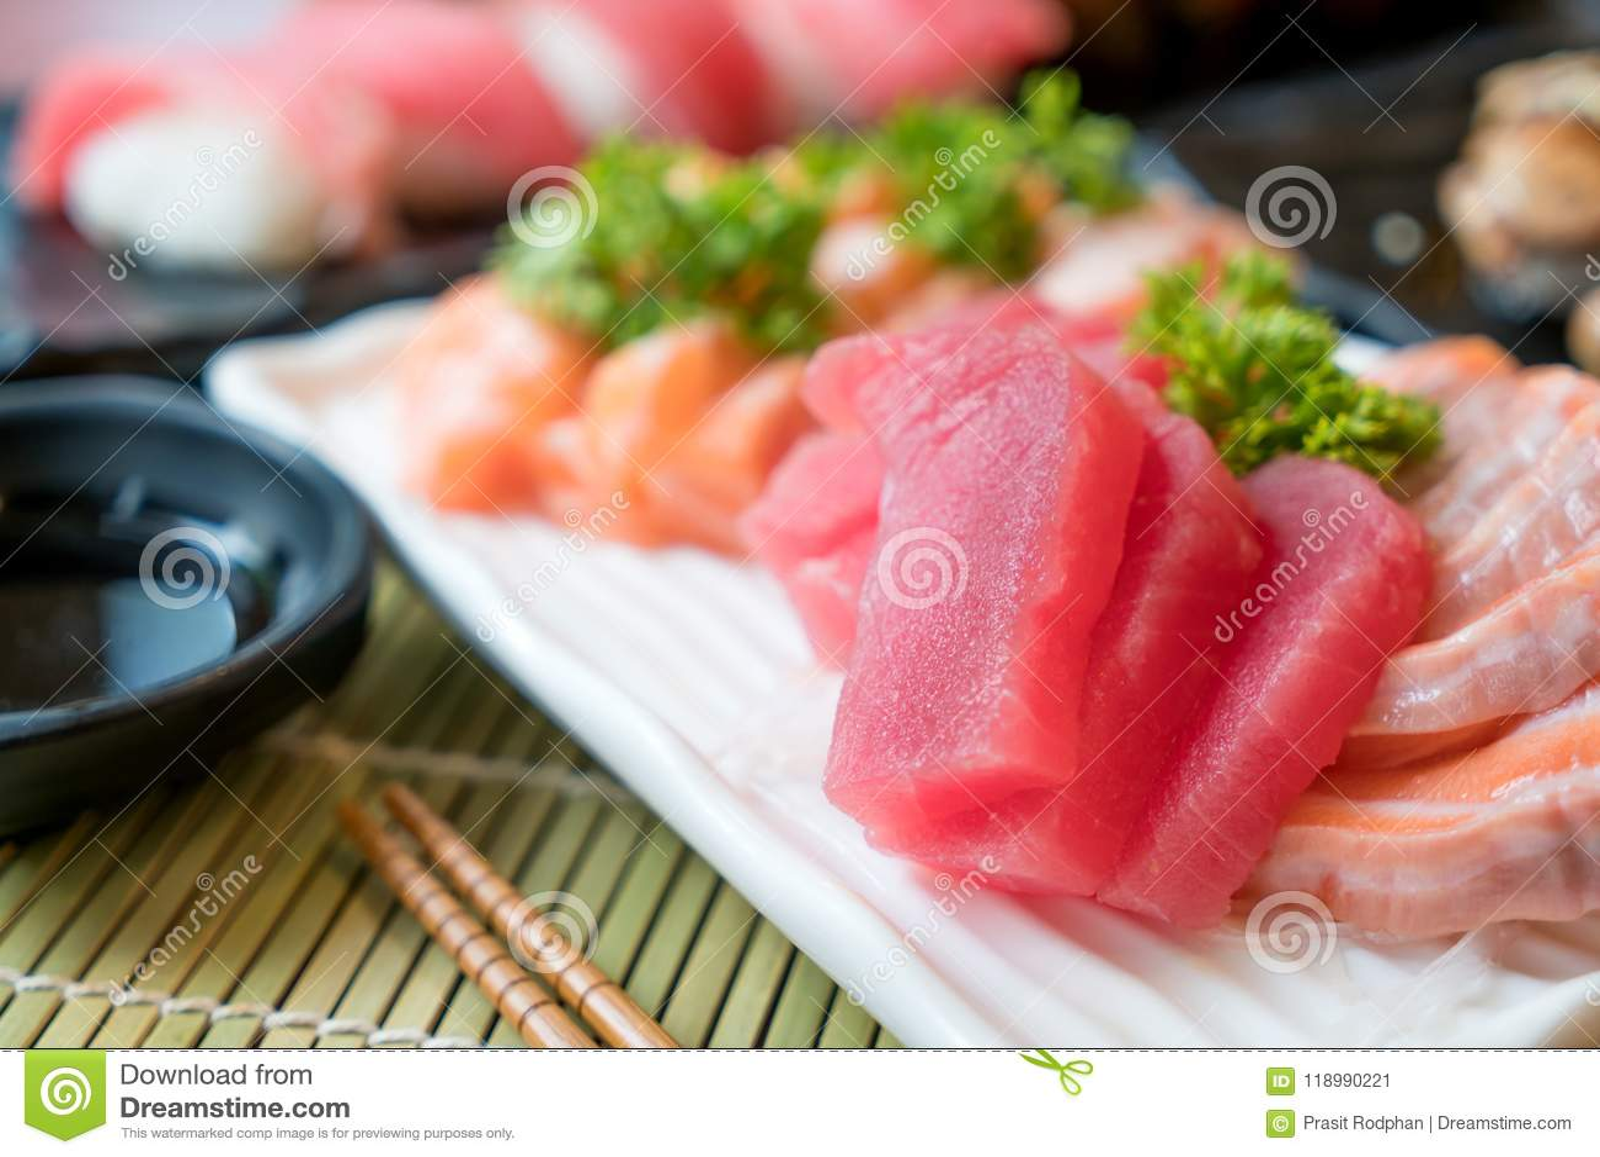 Sashimi Affettato Misto Del Pesce In Piatto Bianco Salmone E Botte